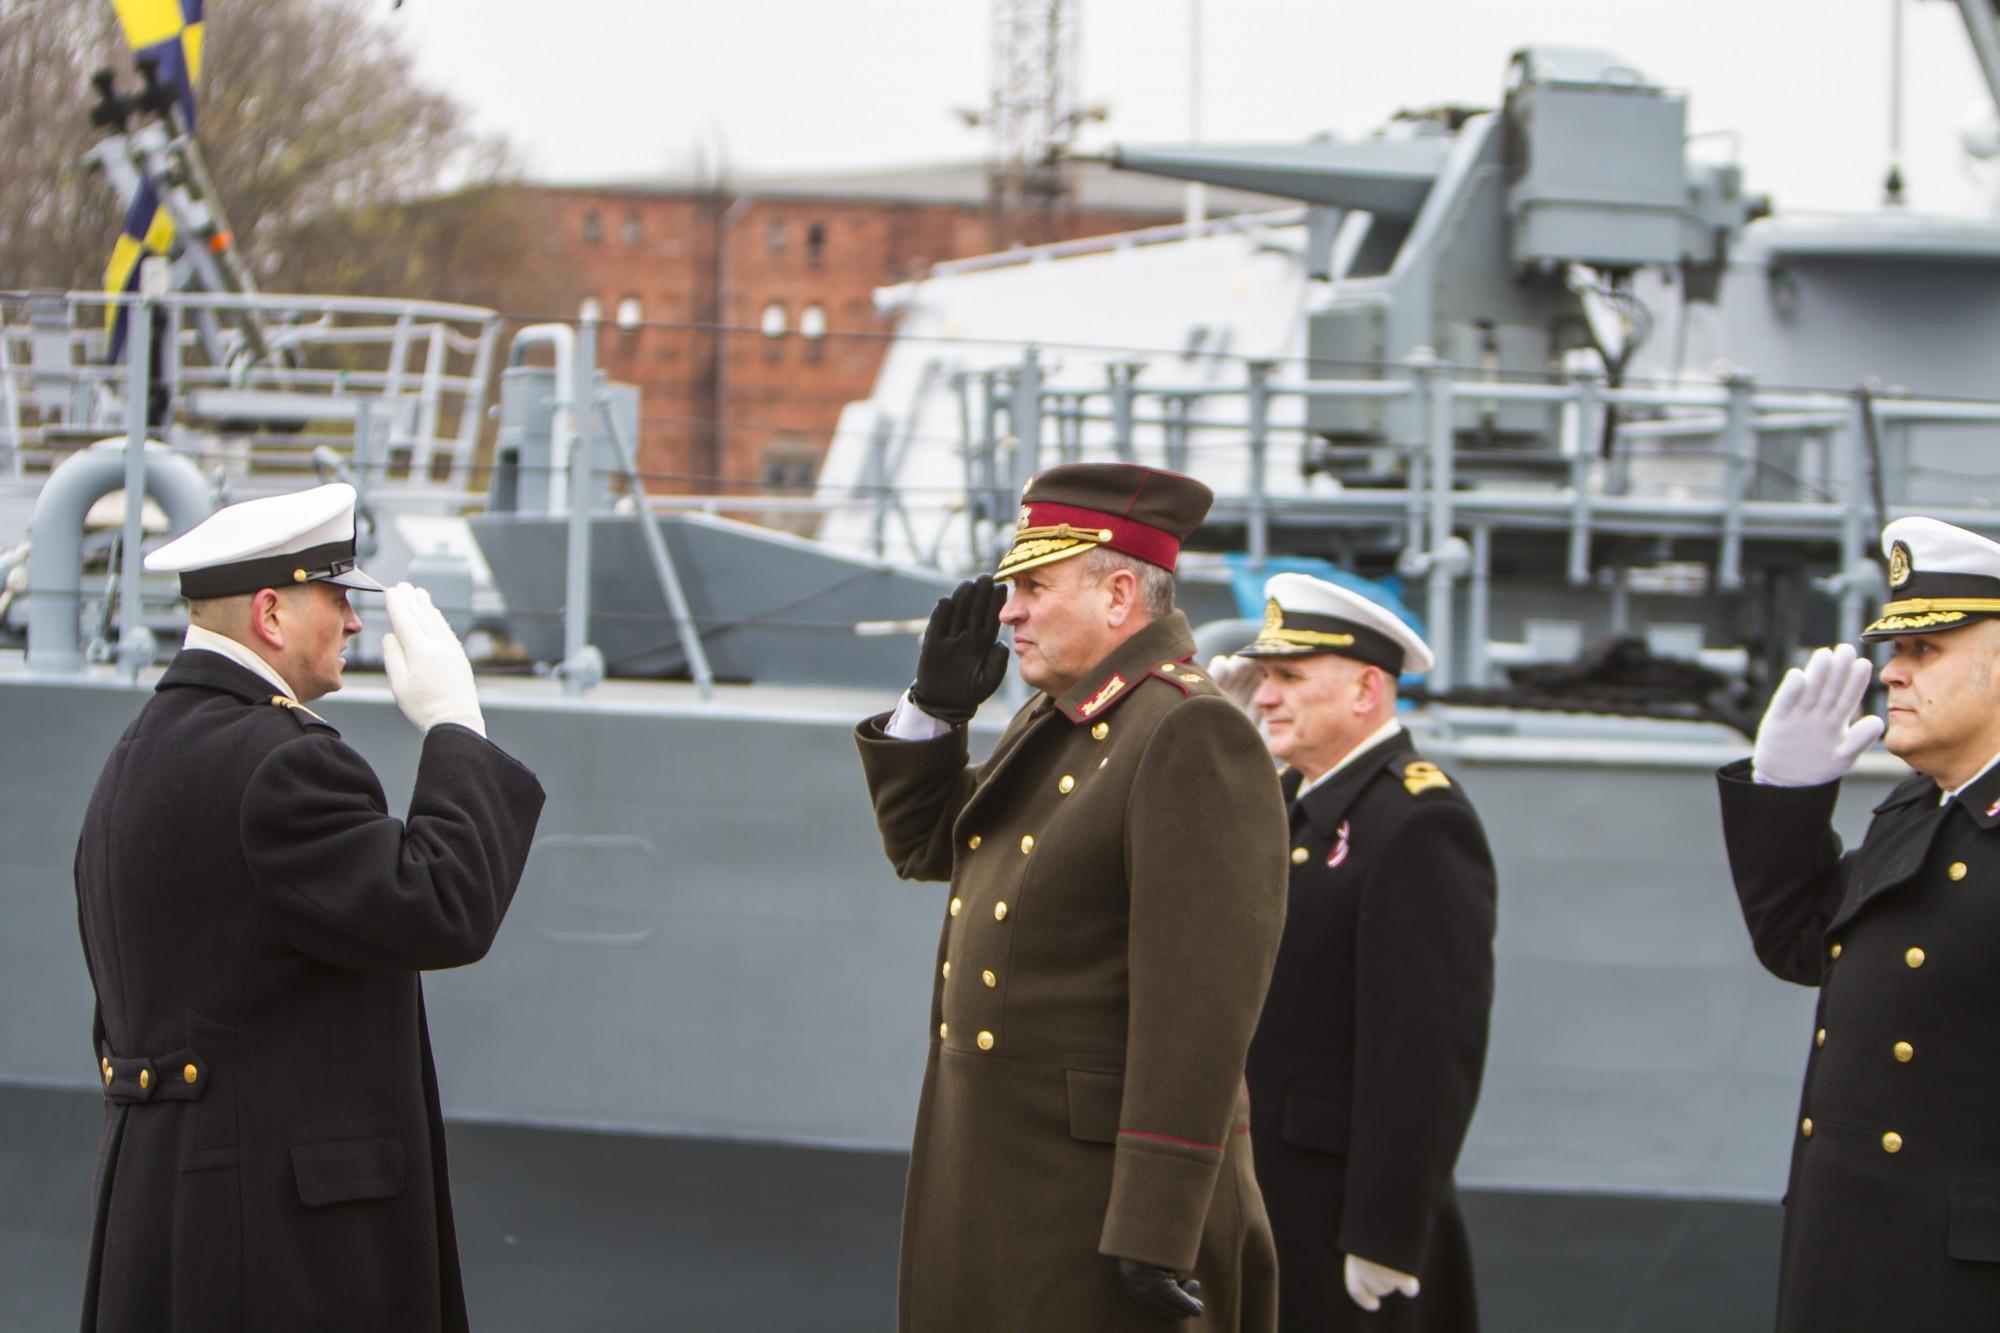 Liepājā svinīgā ceremonijā Jūras spēku komandiera amatā stājas Kaspars Zelčs